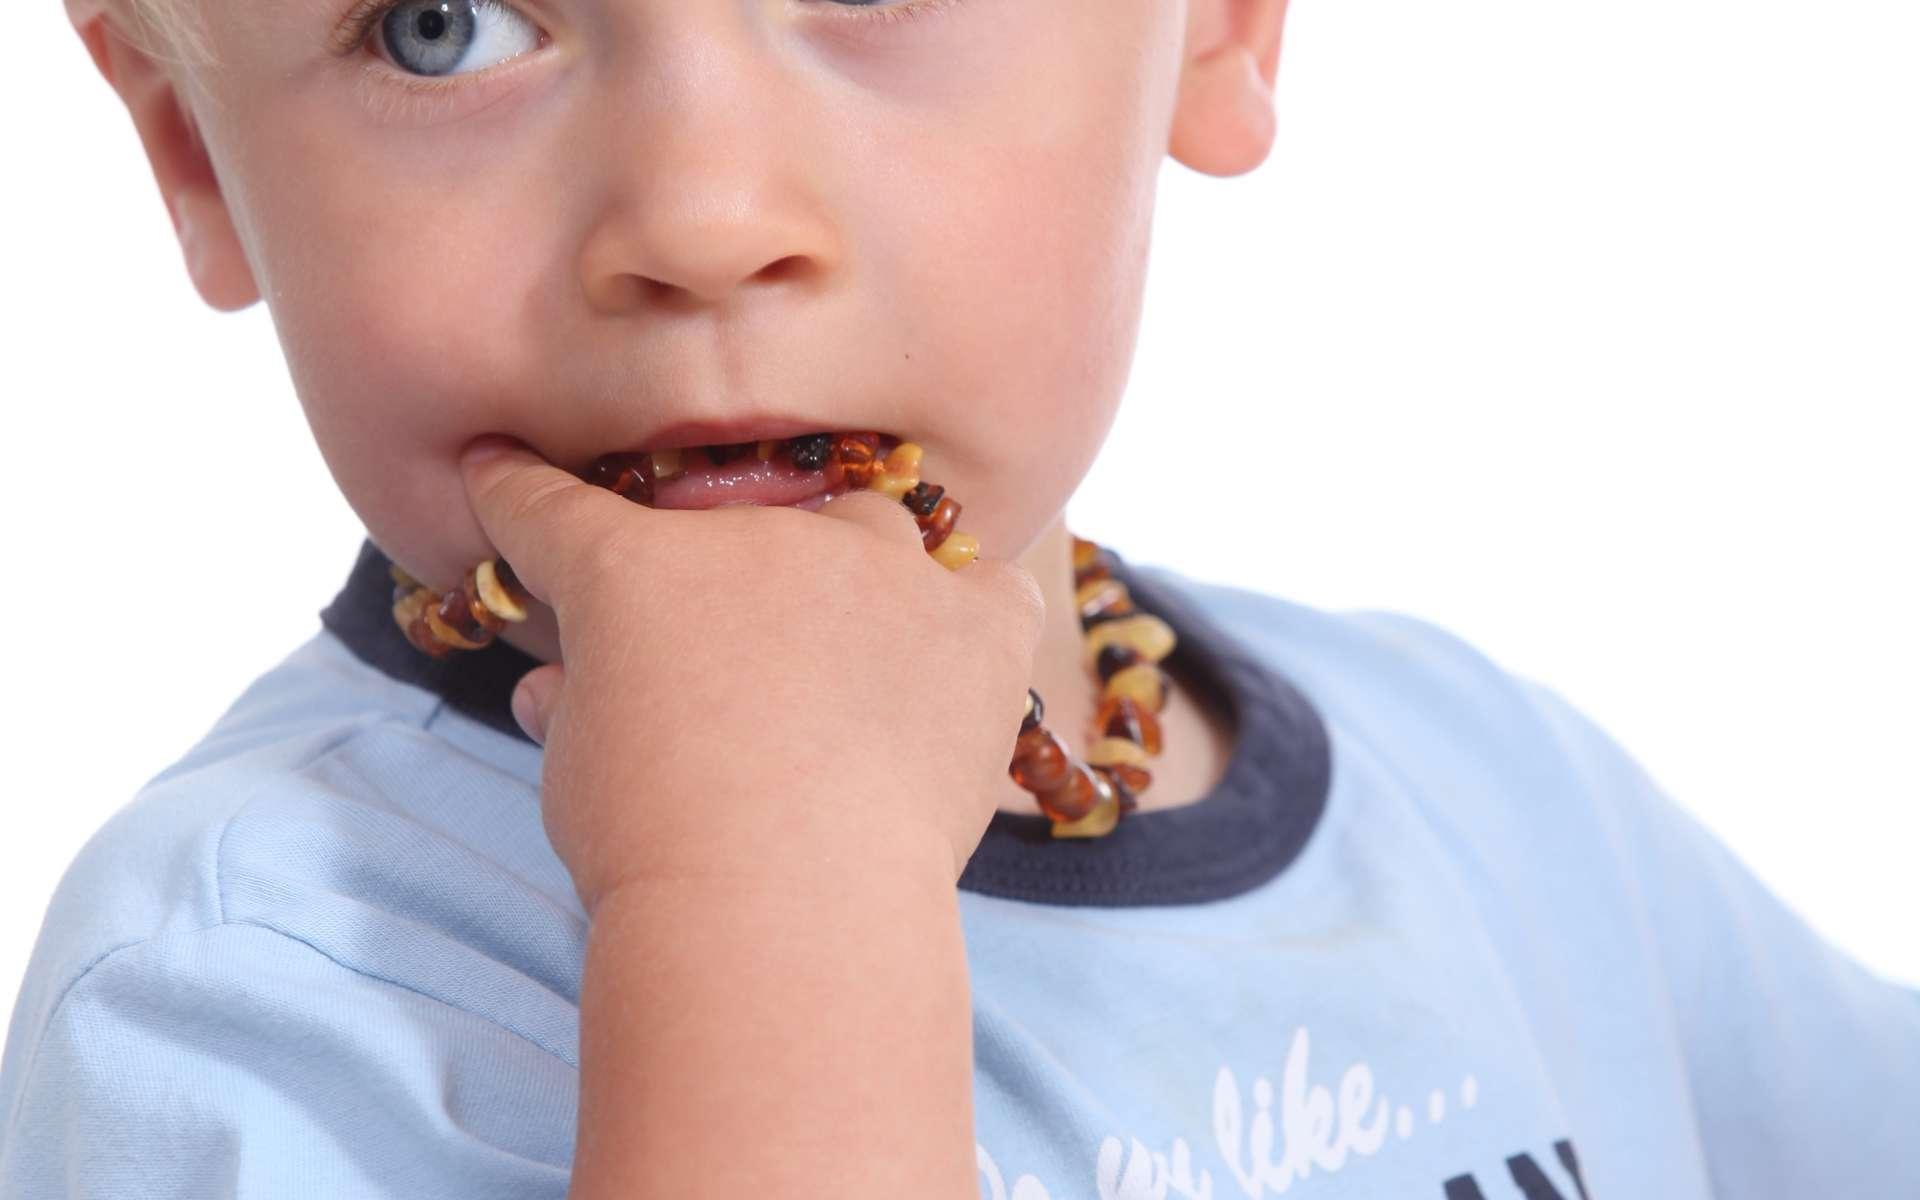 Les bacs à sable sont parfois responsables de la toxocarose chez les enfants, qui peuvent y ingérer du sable souillé. © Phovoir